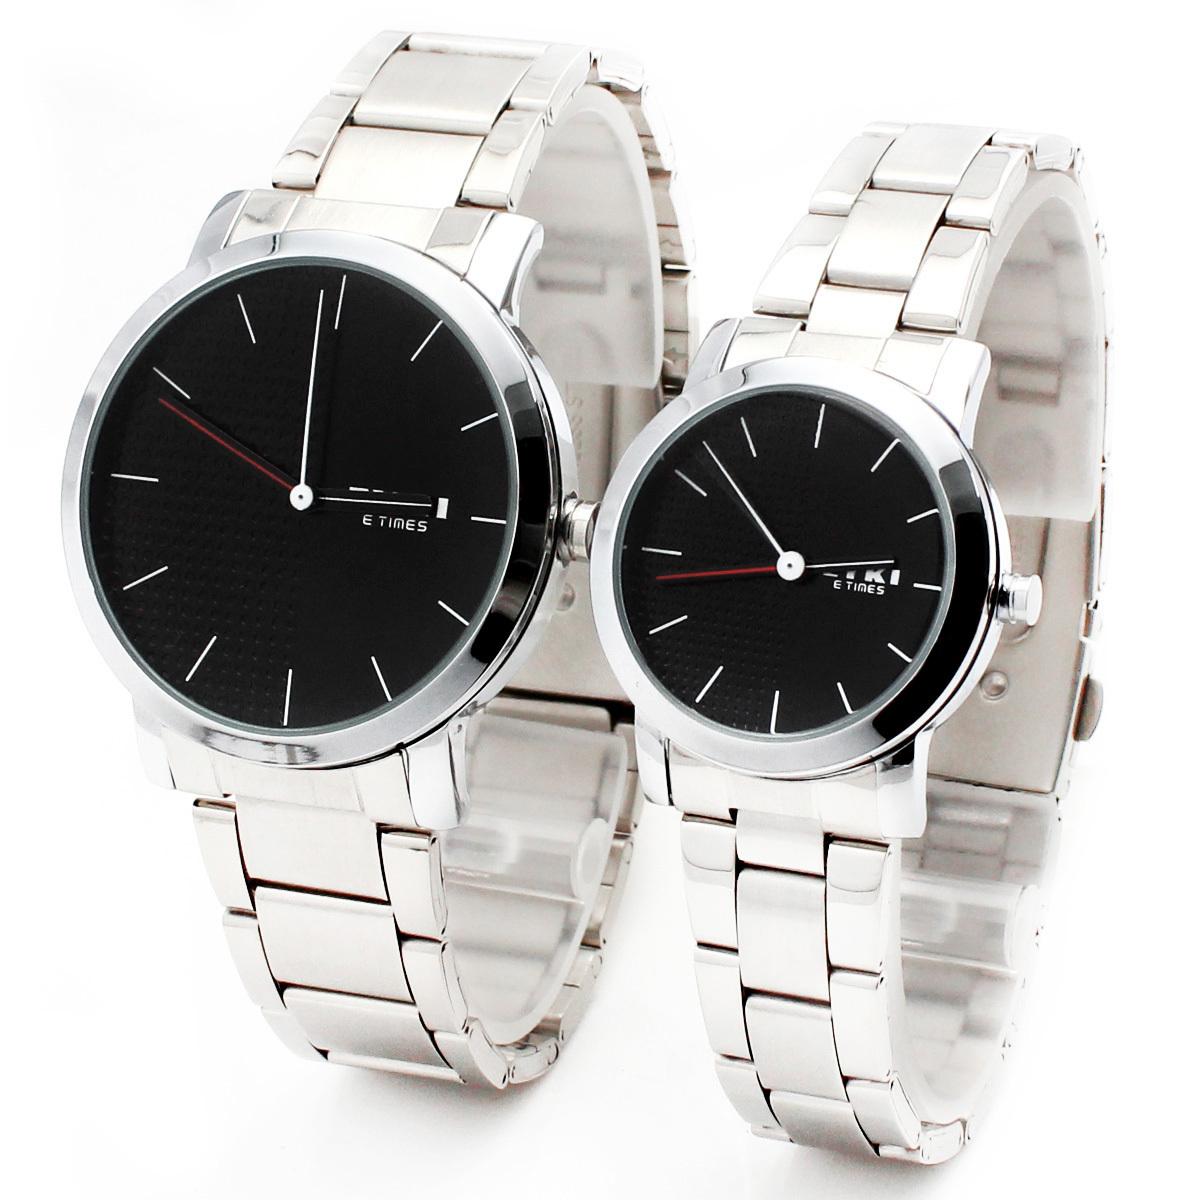 Часы Enicar EYKI 8410 Кварцевые часы Пара стол Гонконг 2011